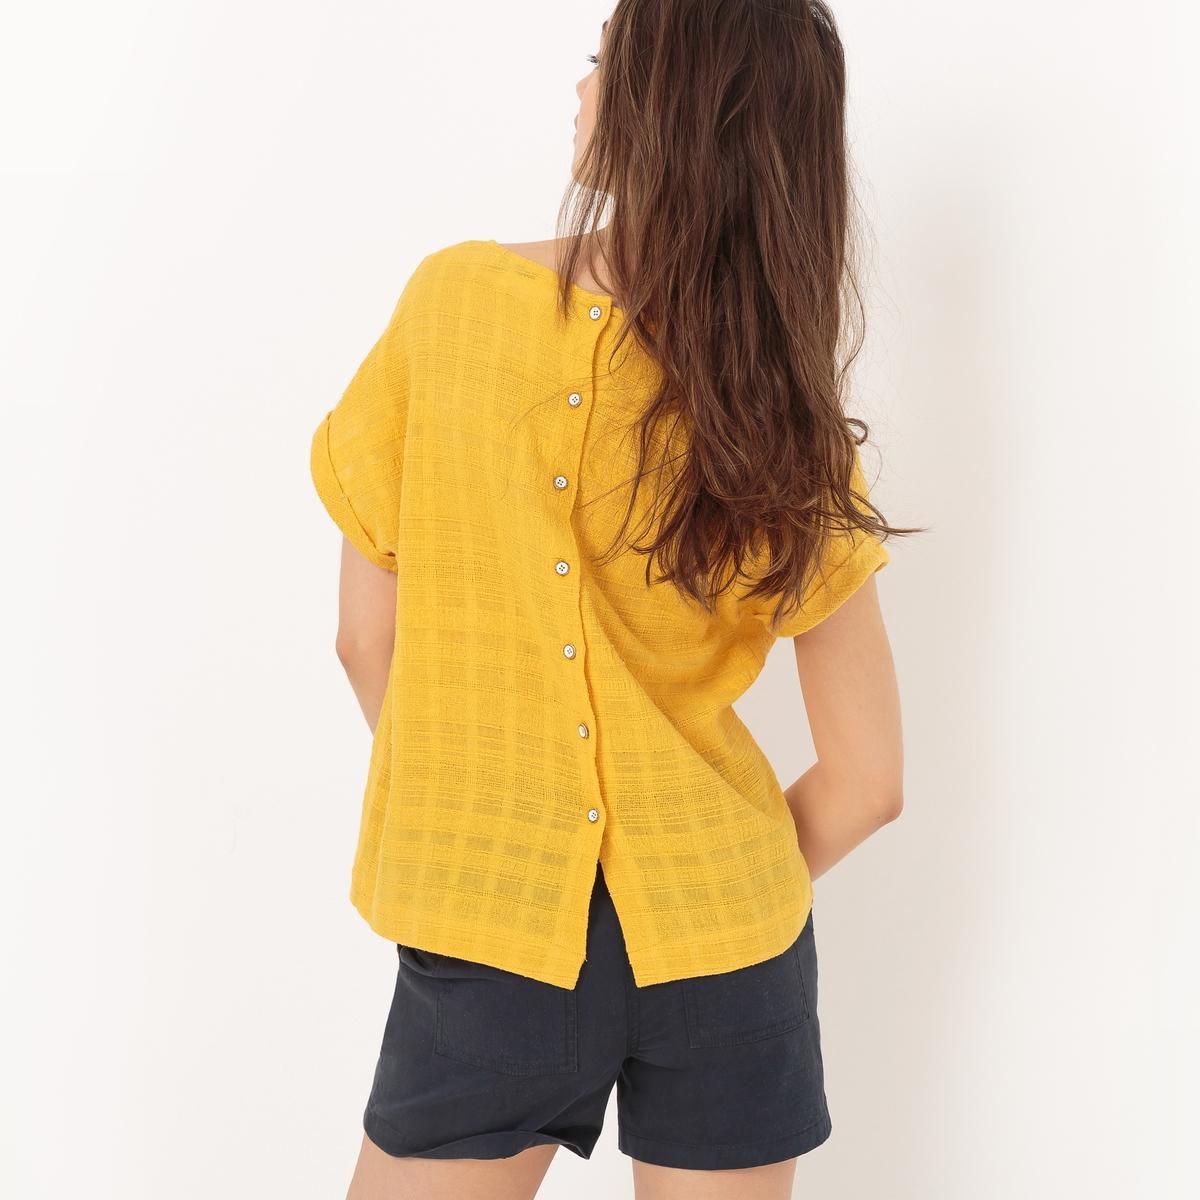 Блузка из хлопкаМатериал : 100% хлопок  Длина рукава : Короткие рукава Форма воротника : Круглый вырез Длина : Стандартная  Рисунок : Однотонная модель<br><br>Цвет: желтый карри<br>Размер: L